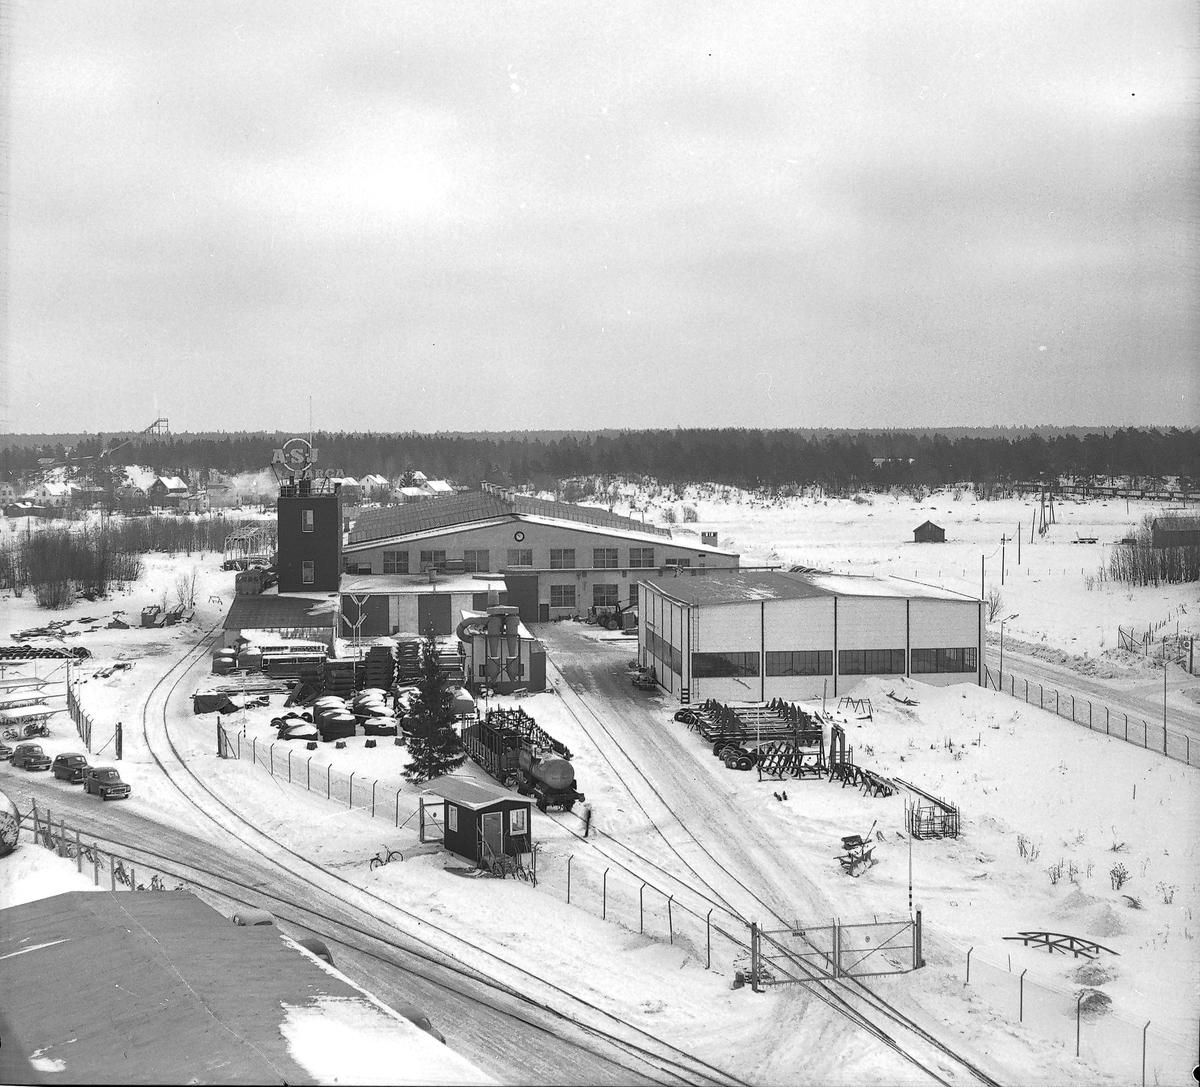 Flygbild över fabriksområdet, den 6 februari 1960 Swendsén & Wikström Värmepannefabrik på Brynäs, köptes 1955 upp av Svenska Järnvägsverkstad och fick namnet ASJ-PARCA.